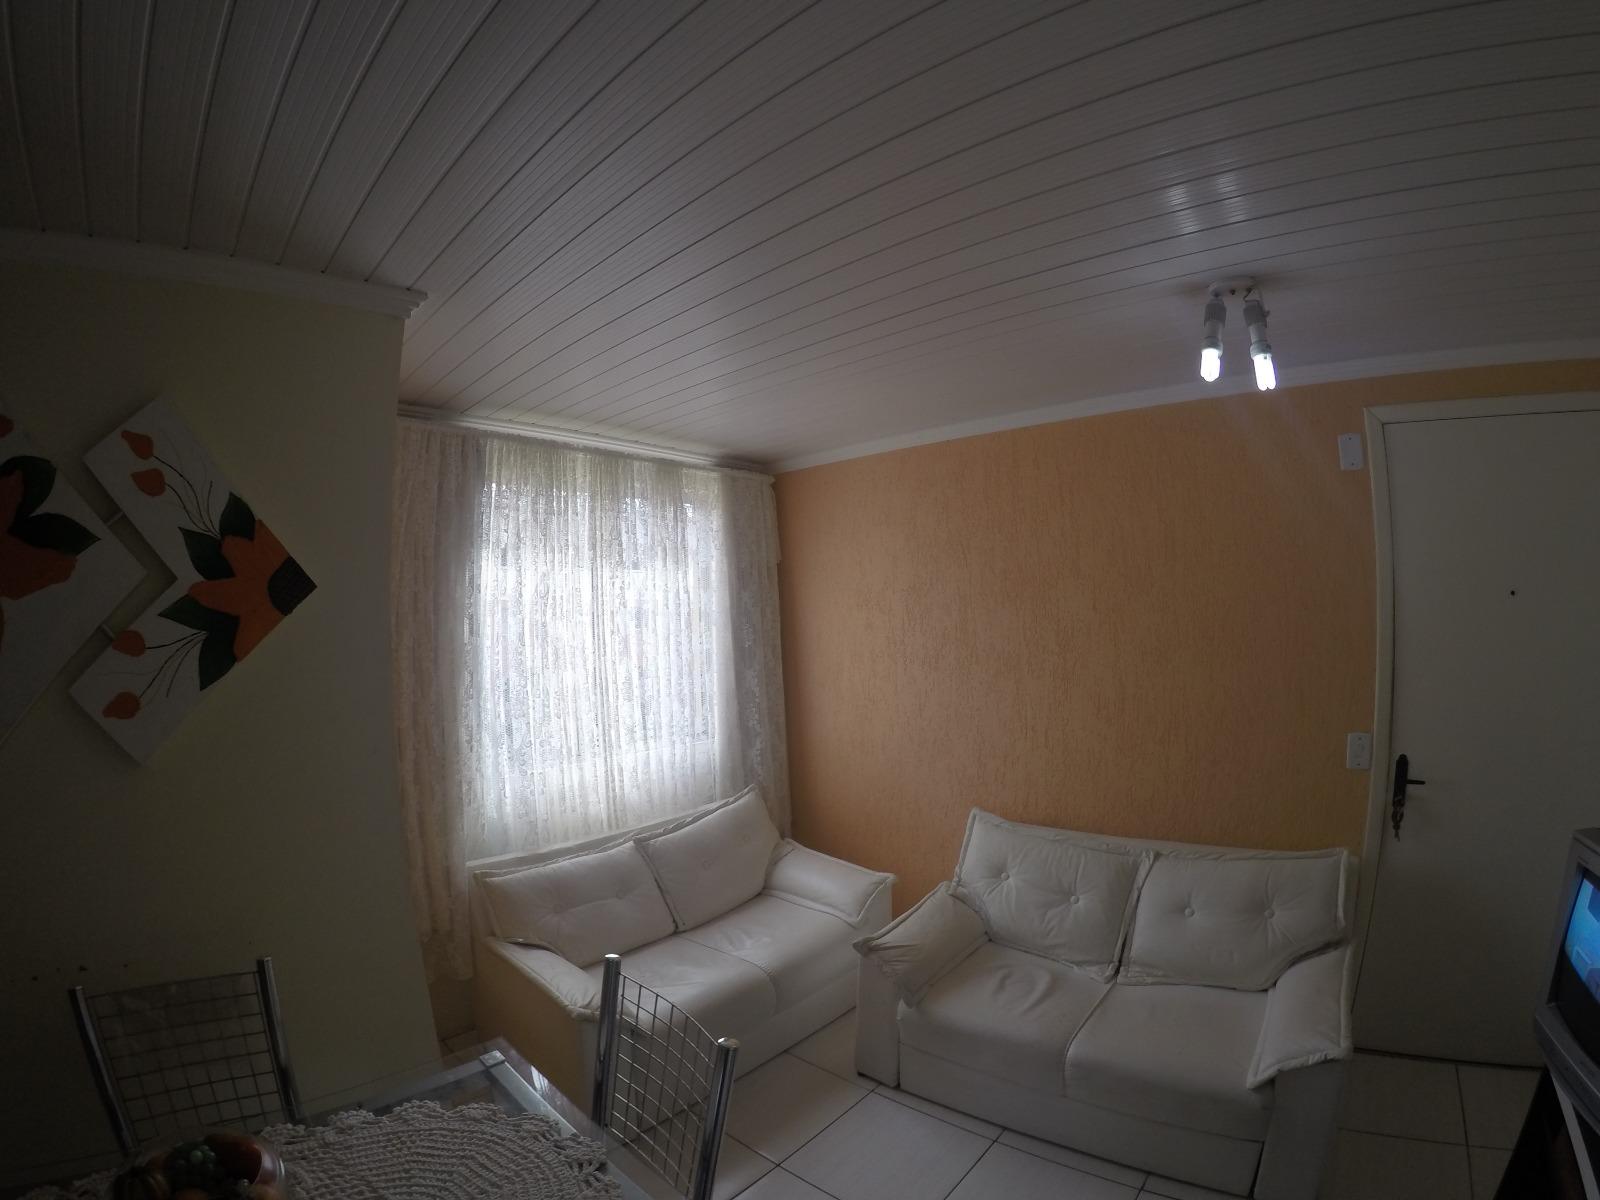 Residencial Flamboyant - Apto 2 Dorm, Mato Grande, Canoas (BD3126) - Foto 6